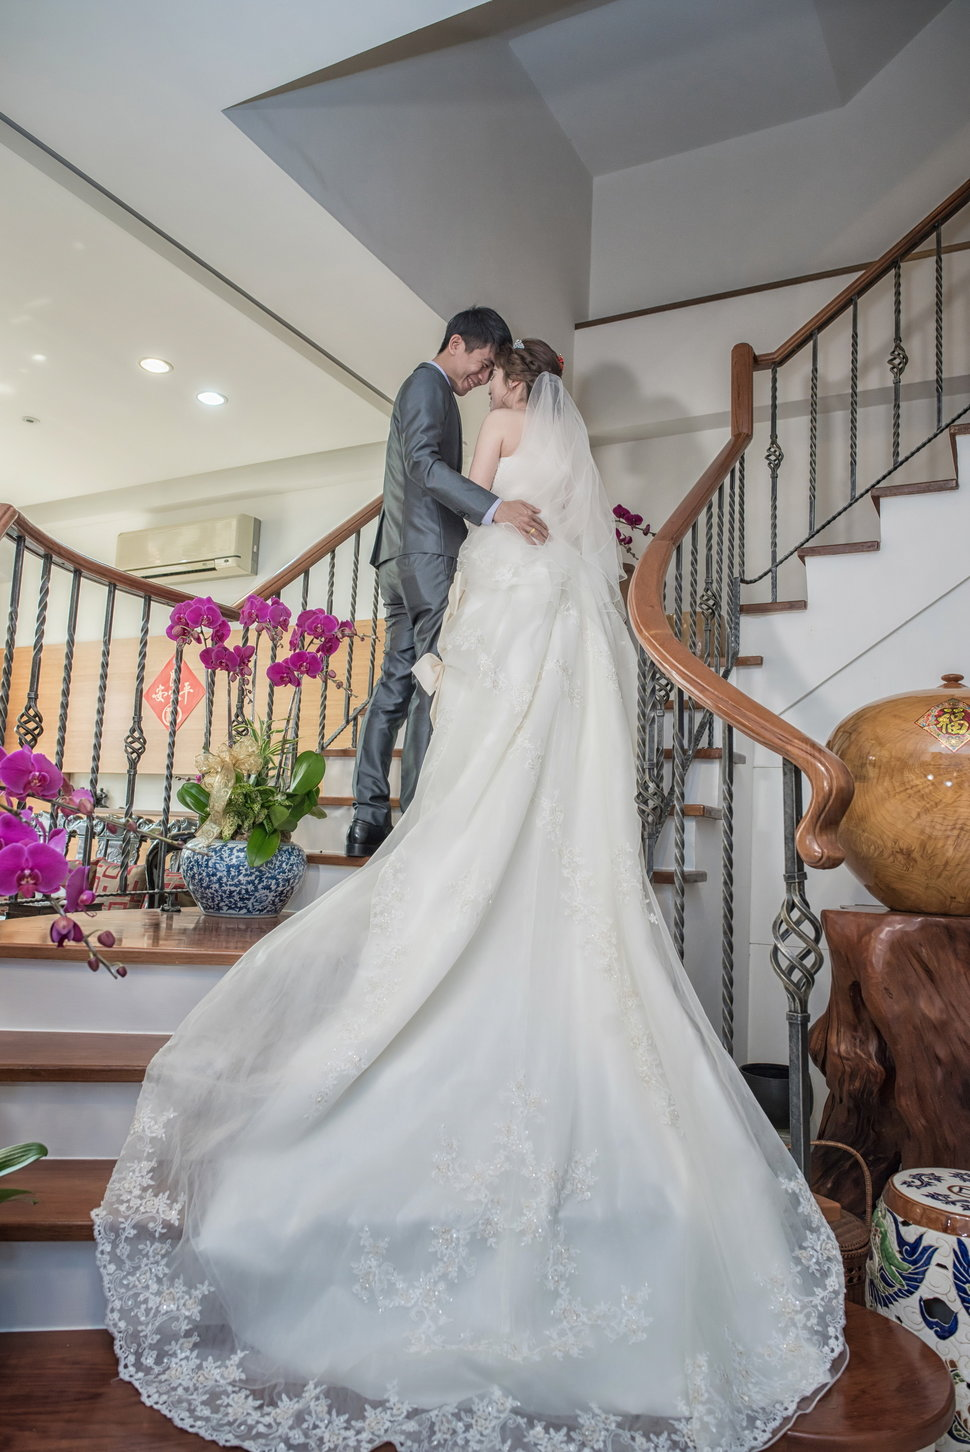 DSC_5221 - Daco  婚禮工作室 - 結婚吧